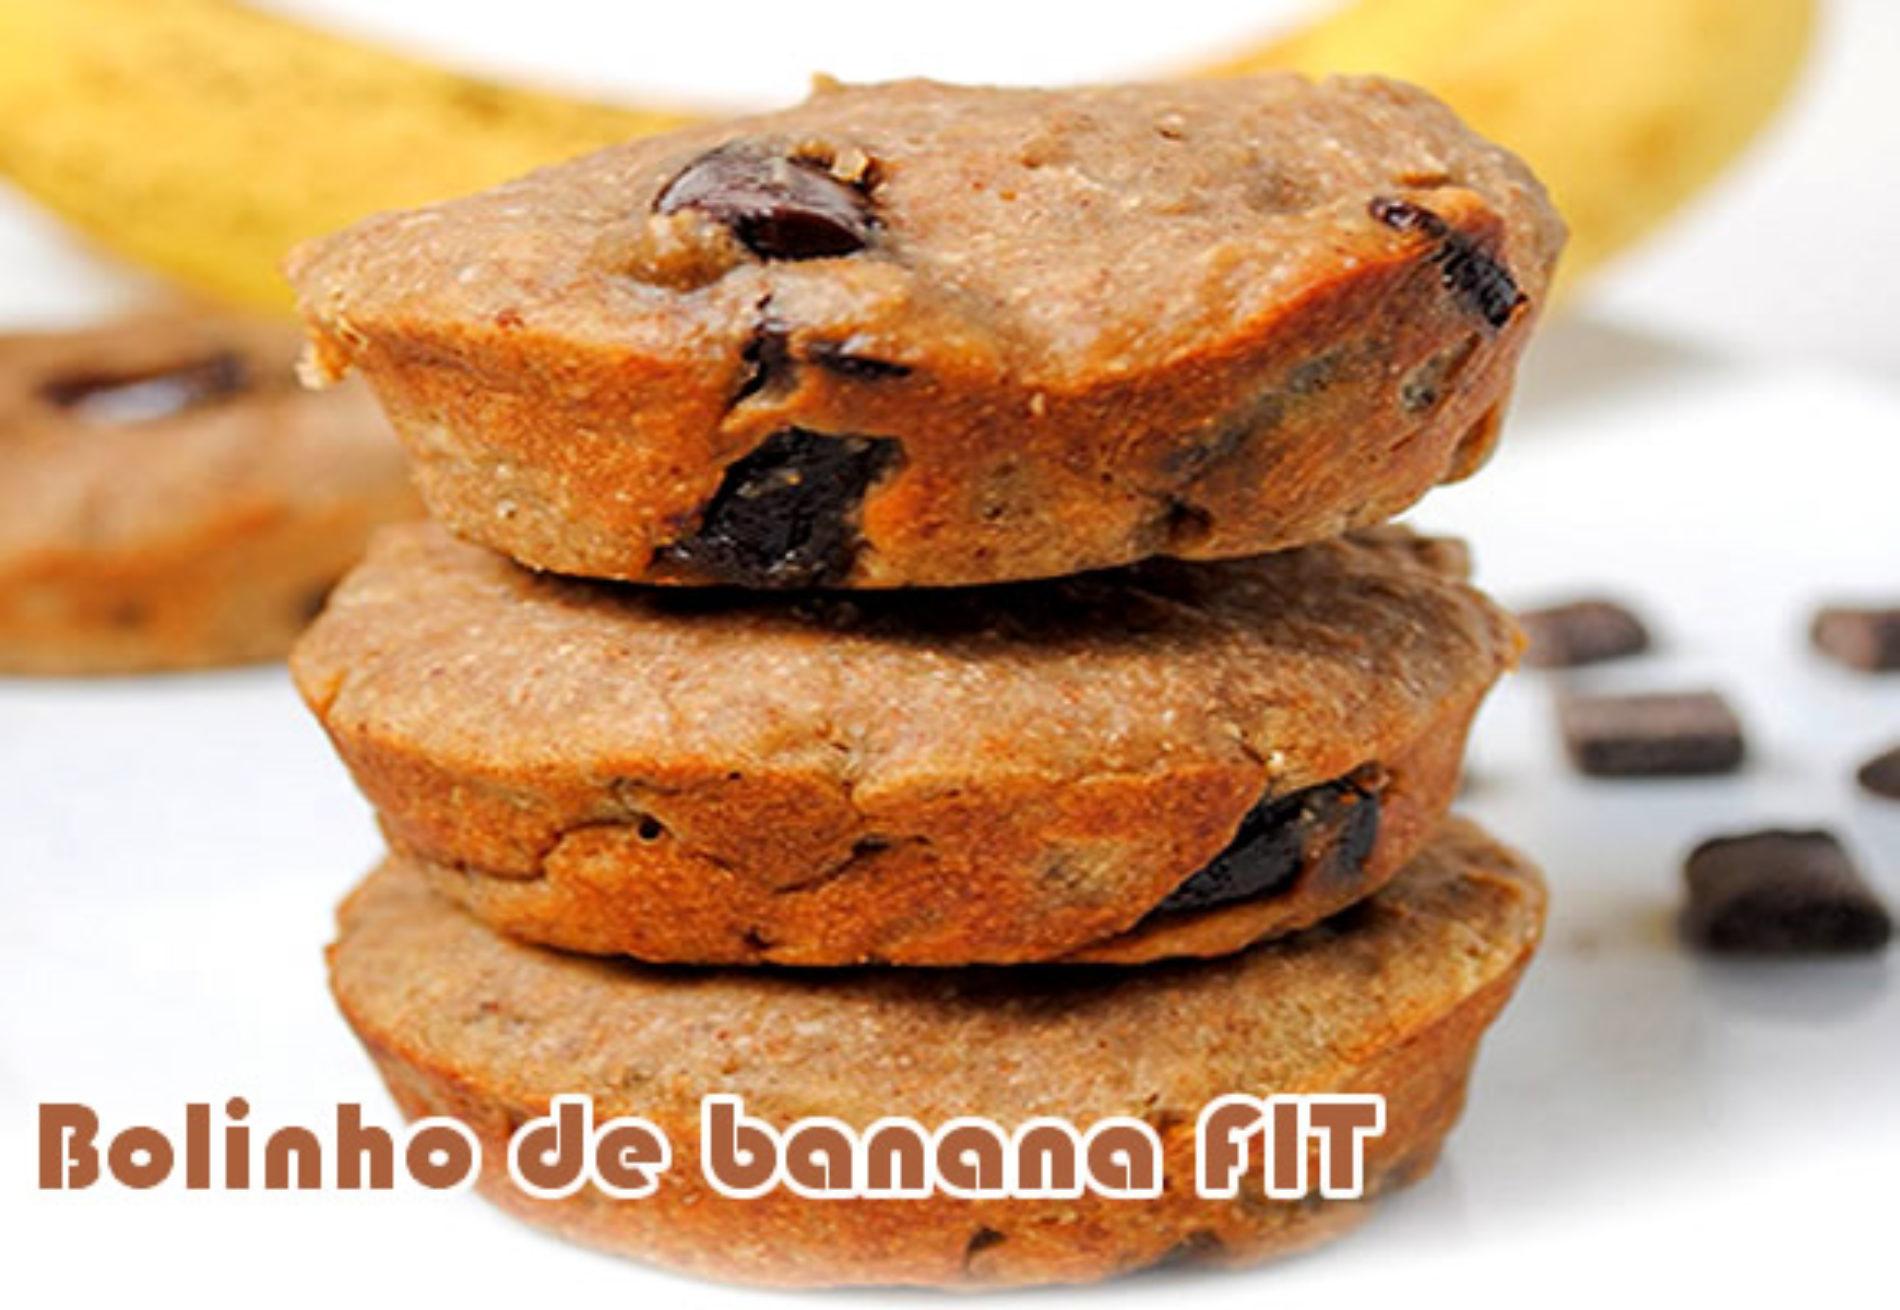 Bolinho de banana com gotas de chocolate – Receitas Fit